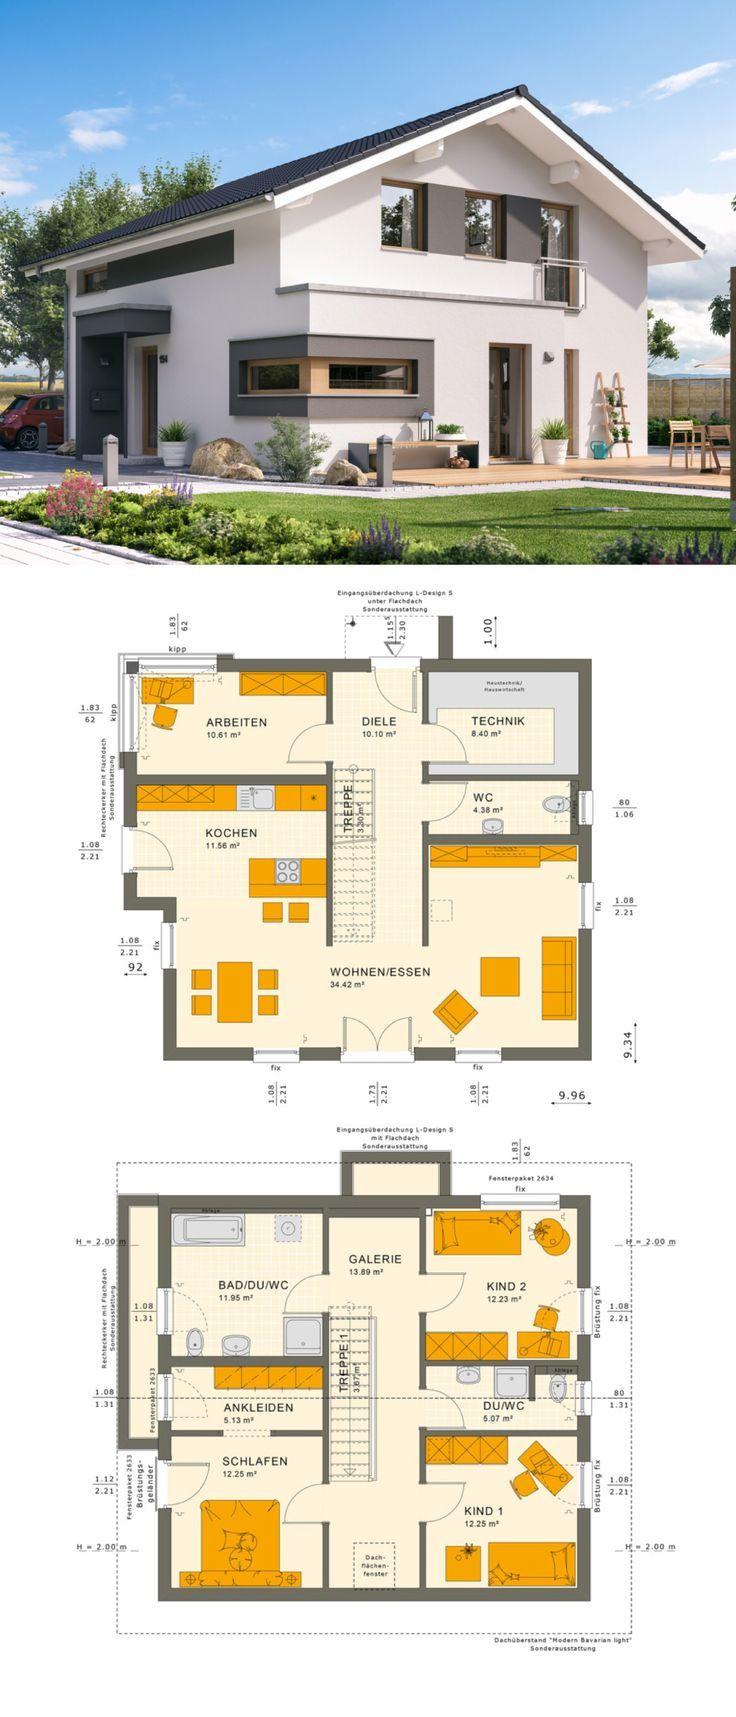 Modernes design einfamilienhaus mit satteldach architektur for Modernes einfamilienhaus grundriss